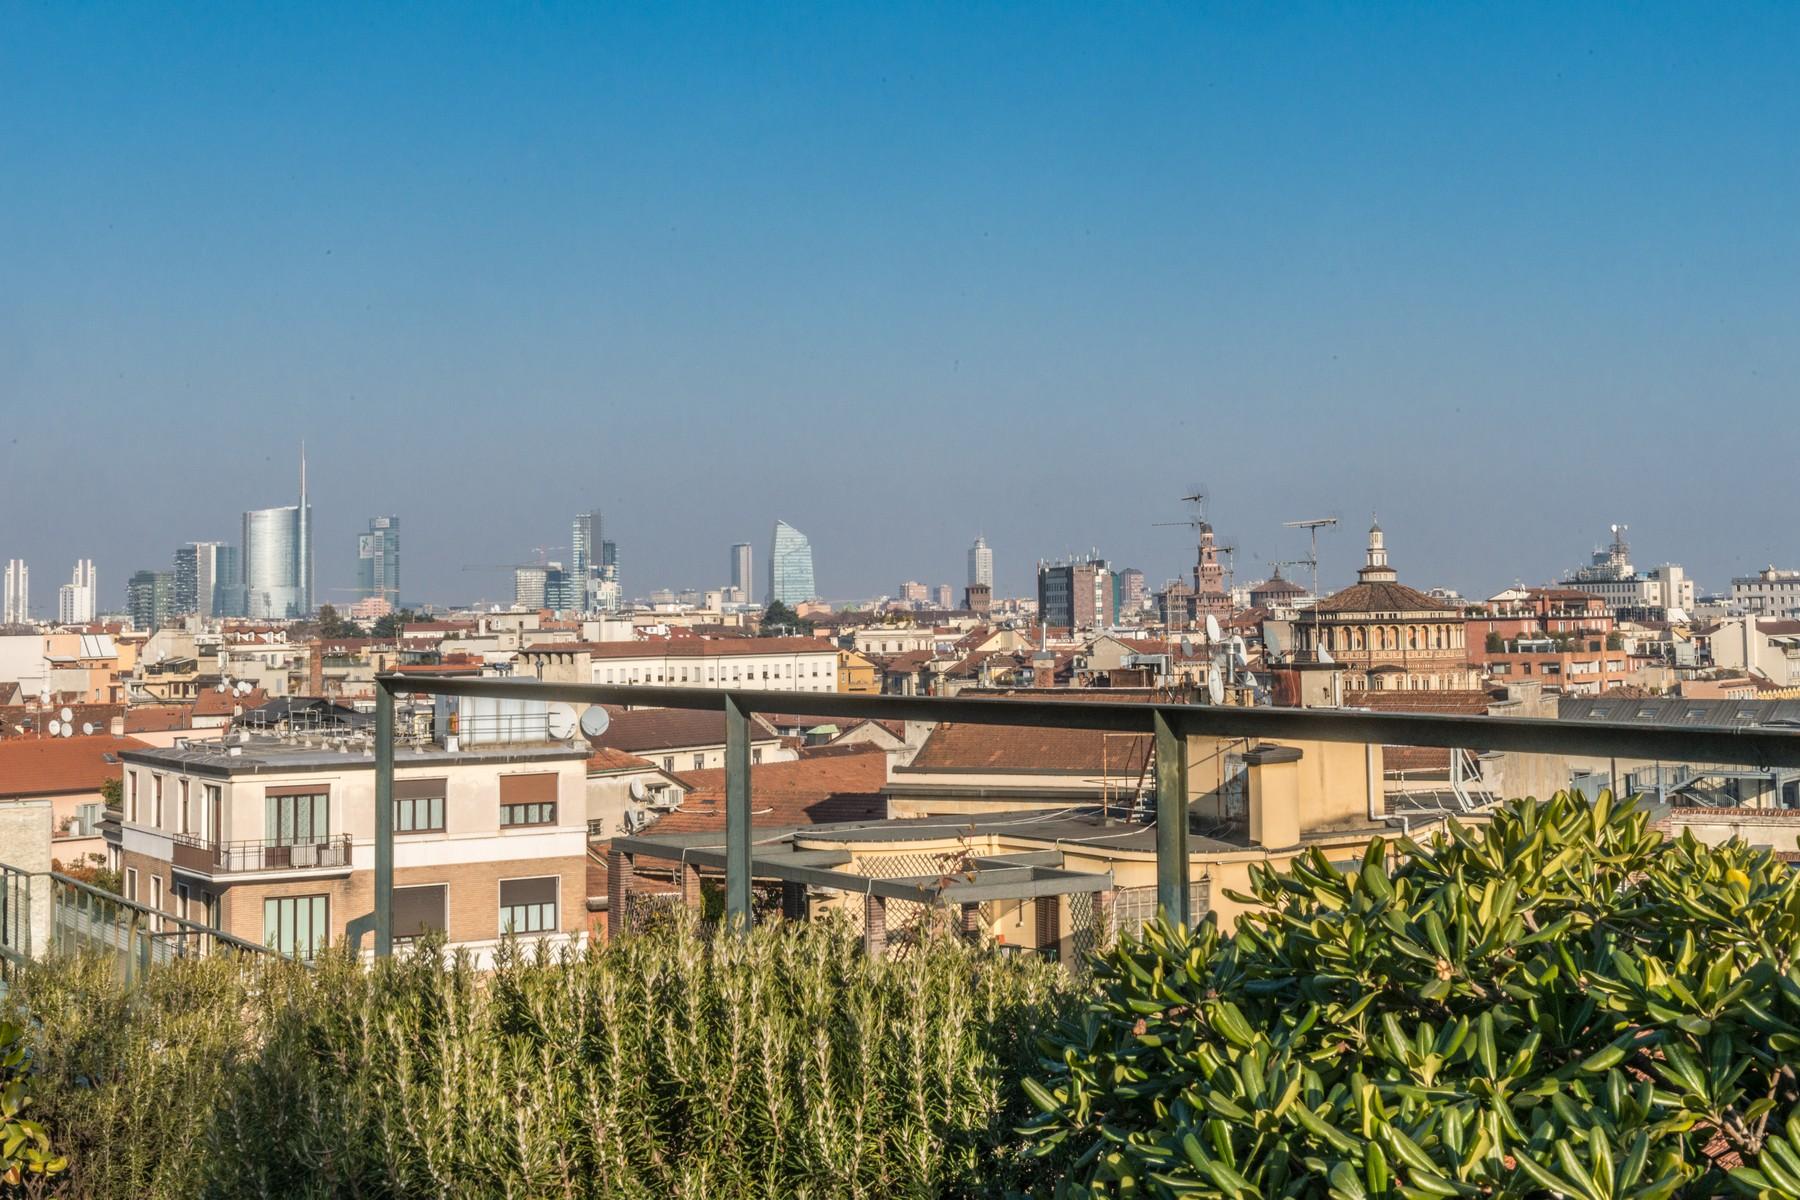 Attico in Vendita a Milano: 5 locali, 310 mq - Foto 7